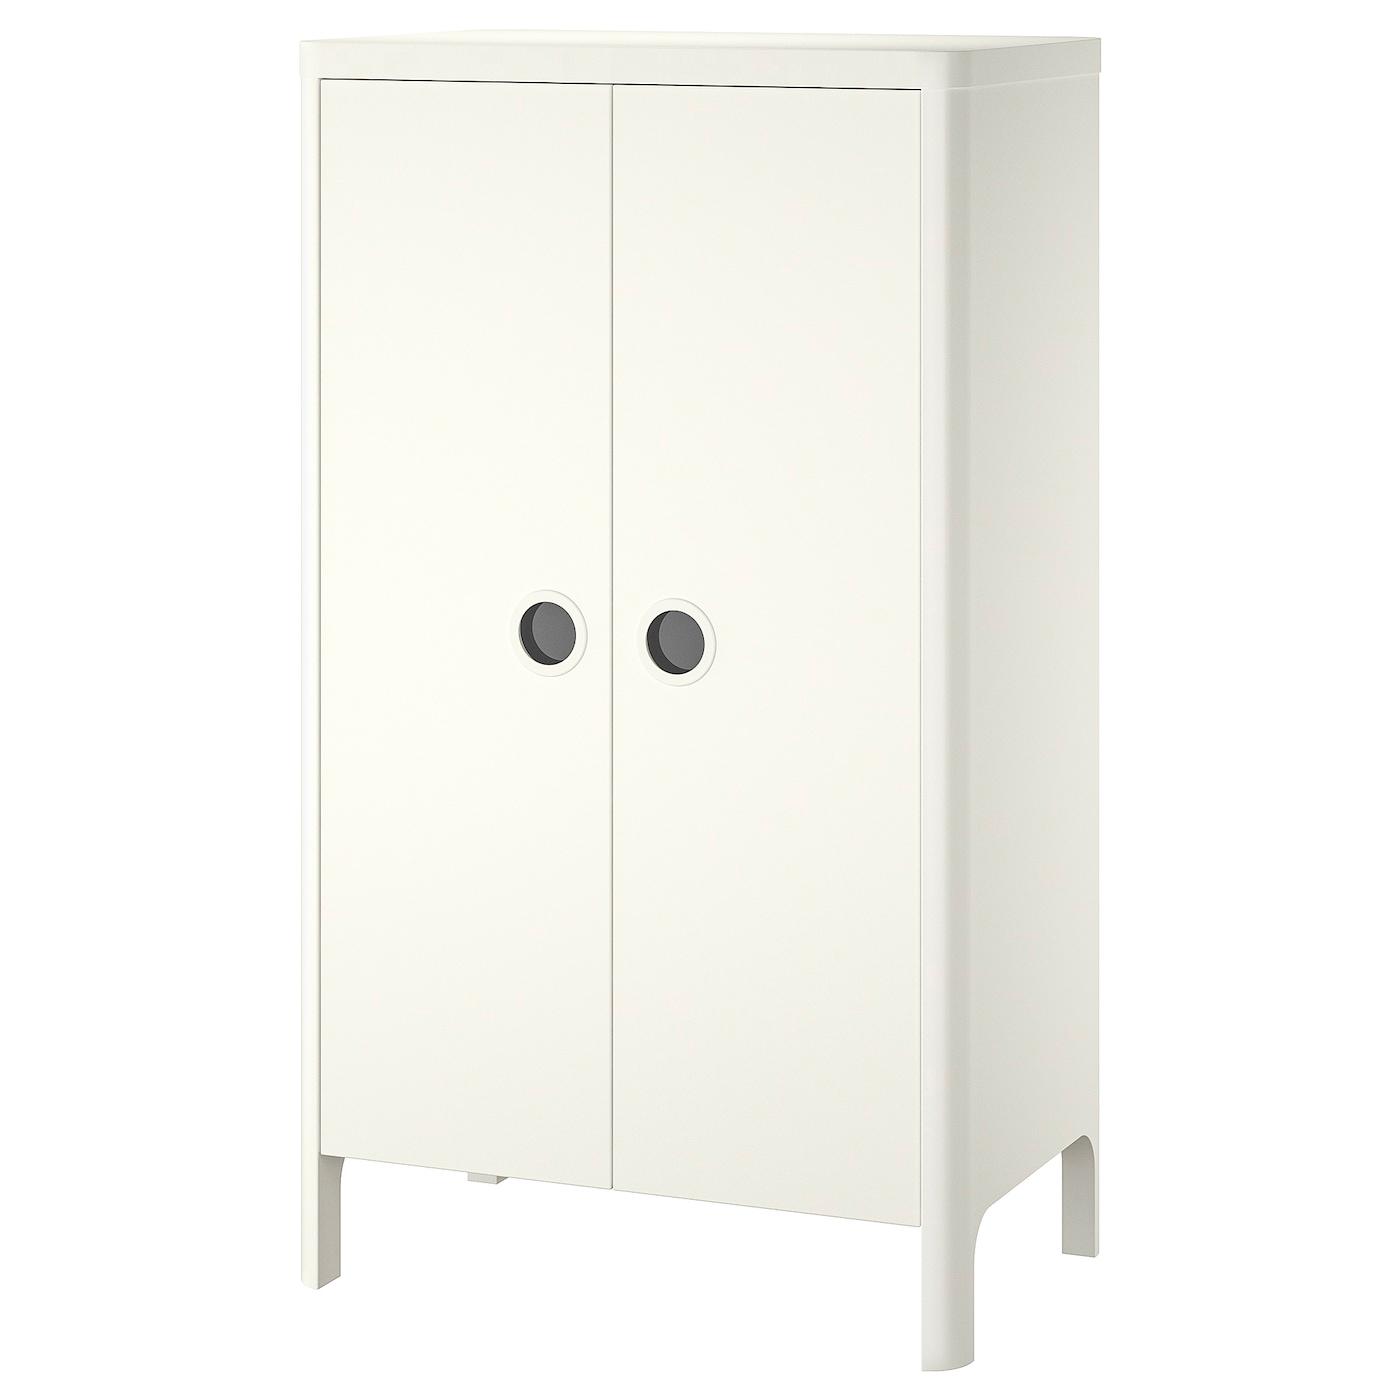 IKEA BUSUNGE biała szafa dla dziecka, 80x139 cm